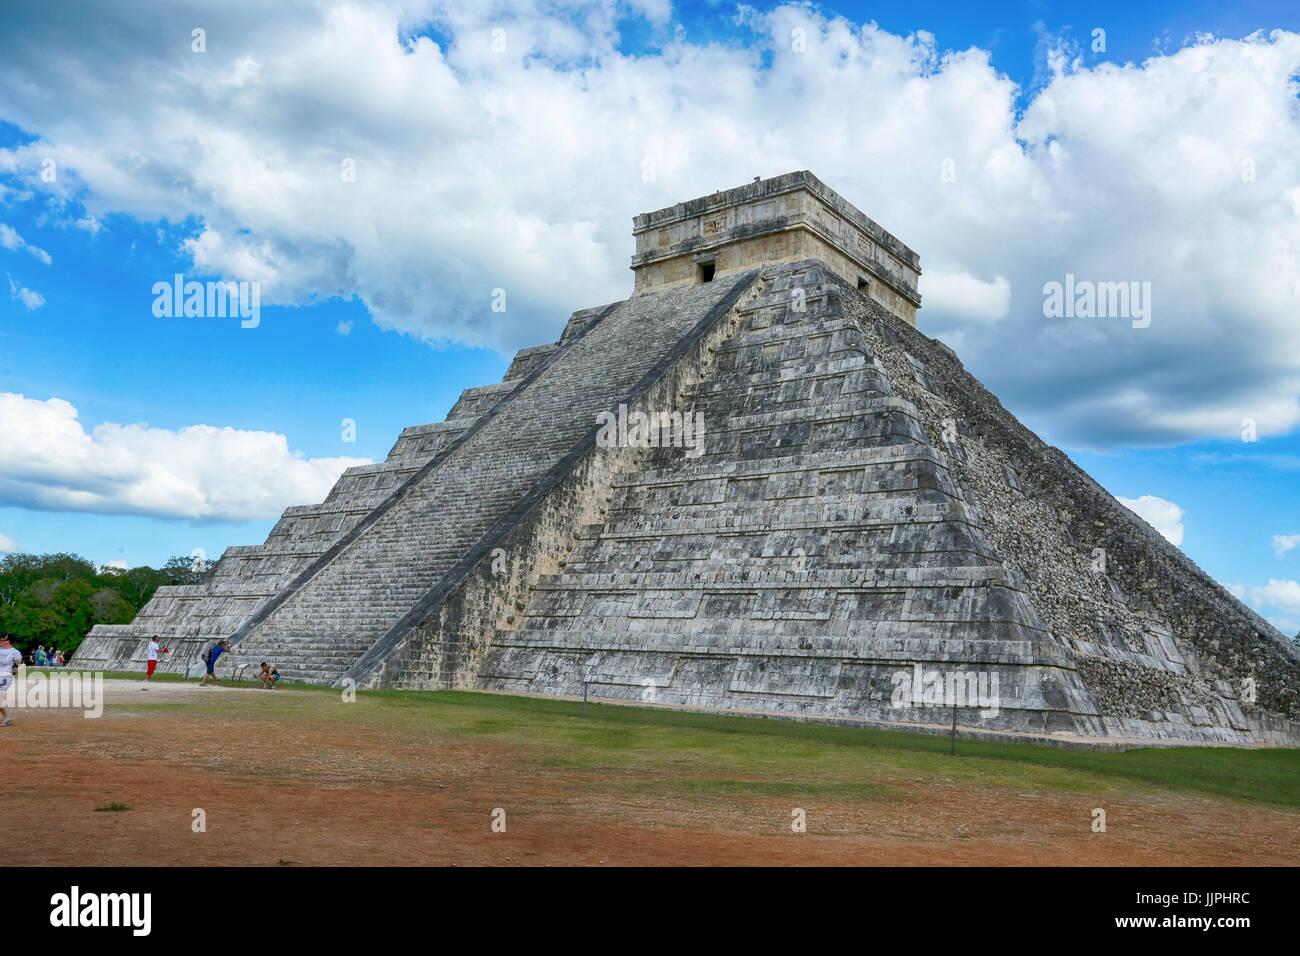 The Mayan ruins at Chichen Itza, Yucatan, Mexico - Stock Image